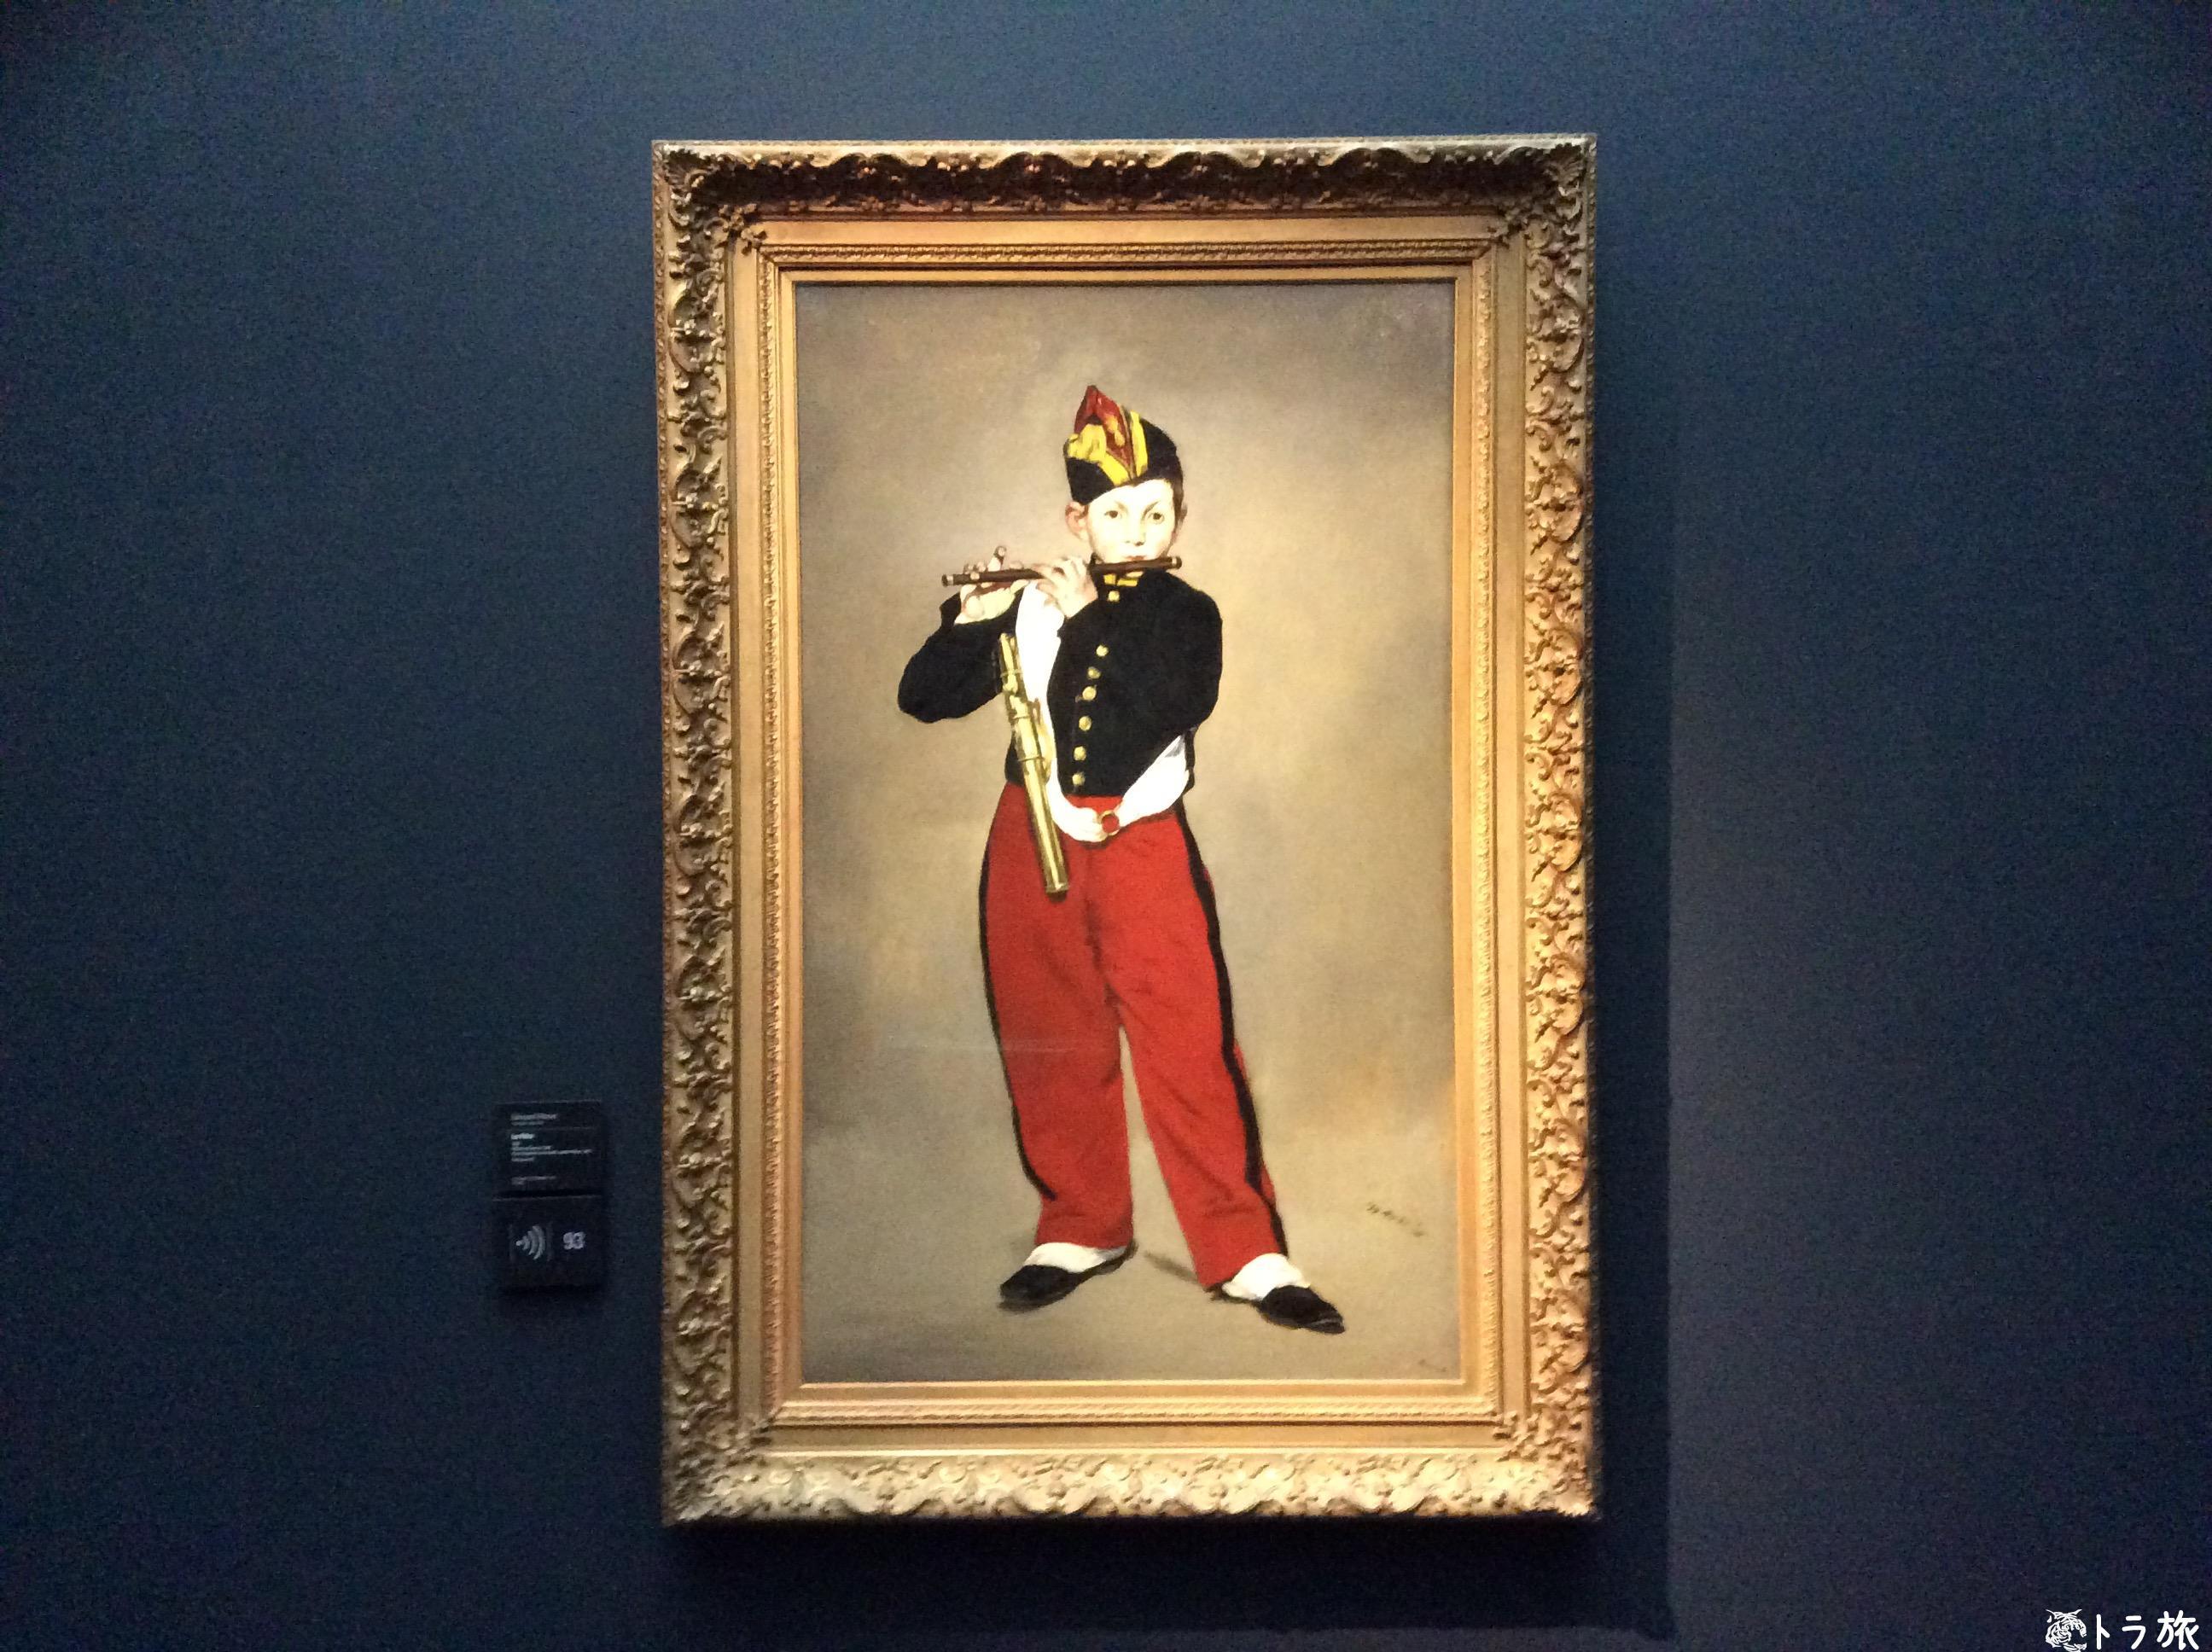 オルセー美術館で有名な作品を見てきました